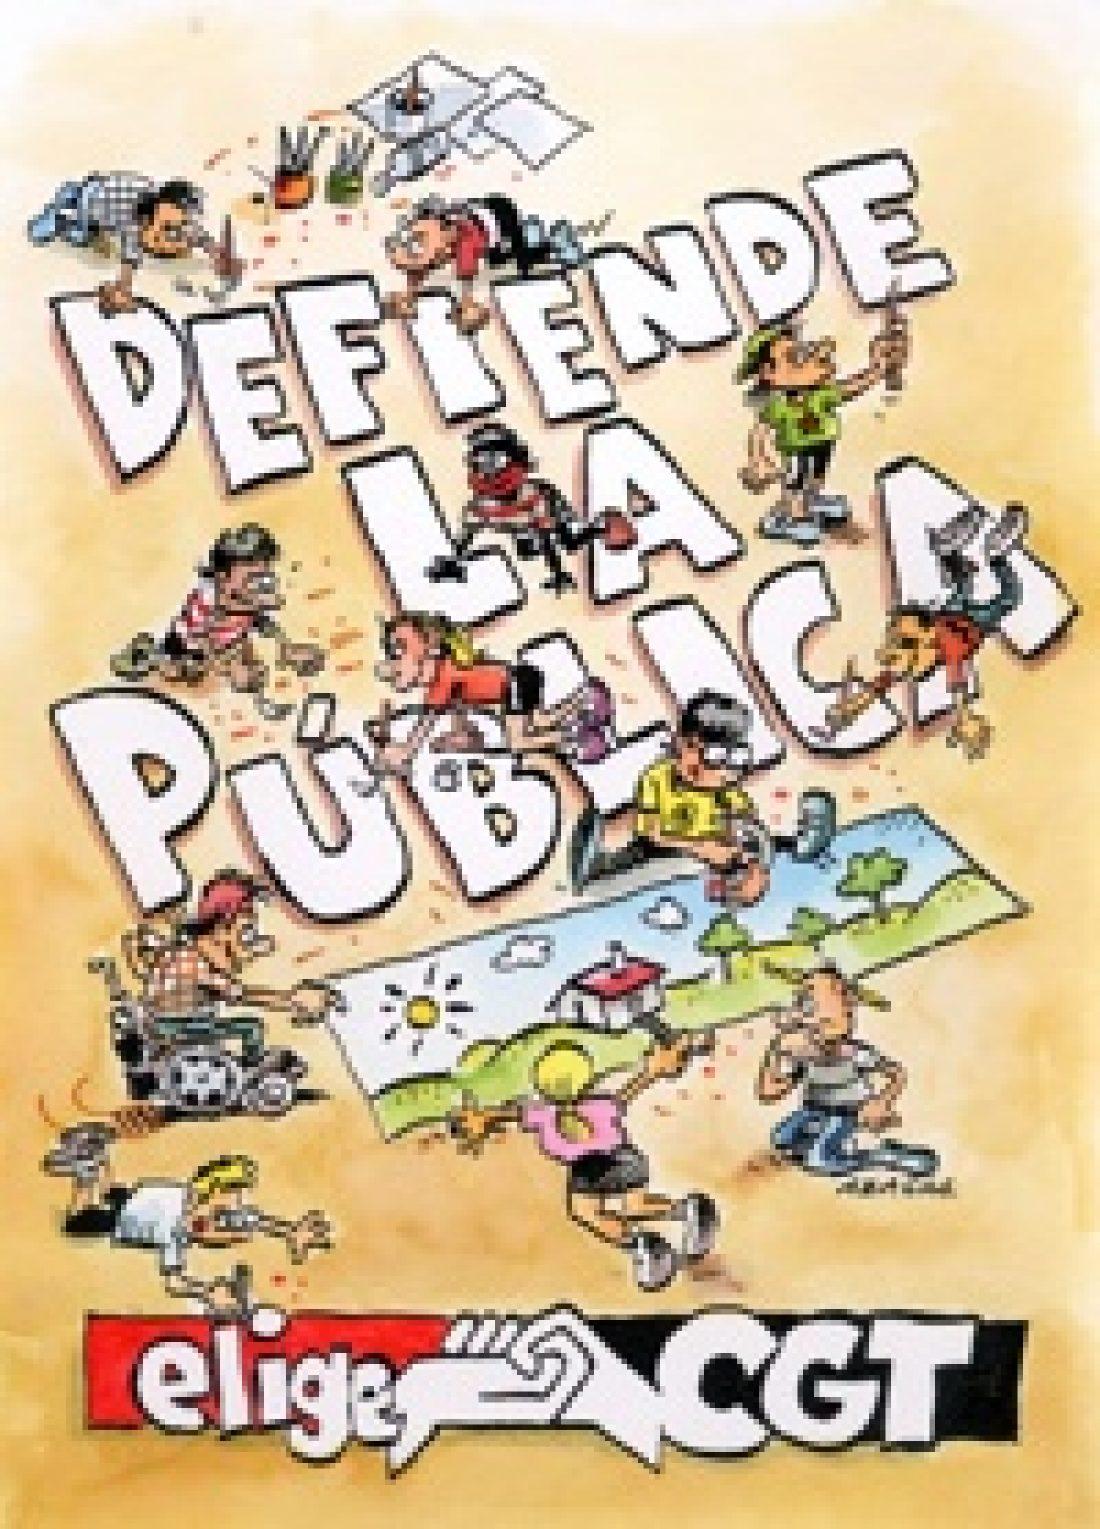 La situación y las movilizaciones en la enseñanza pública catalana